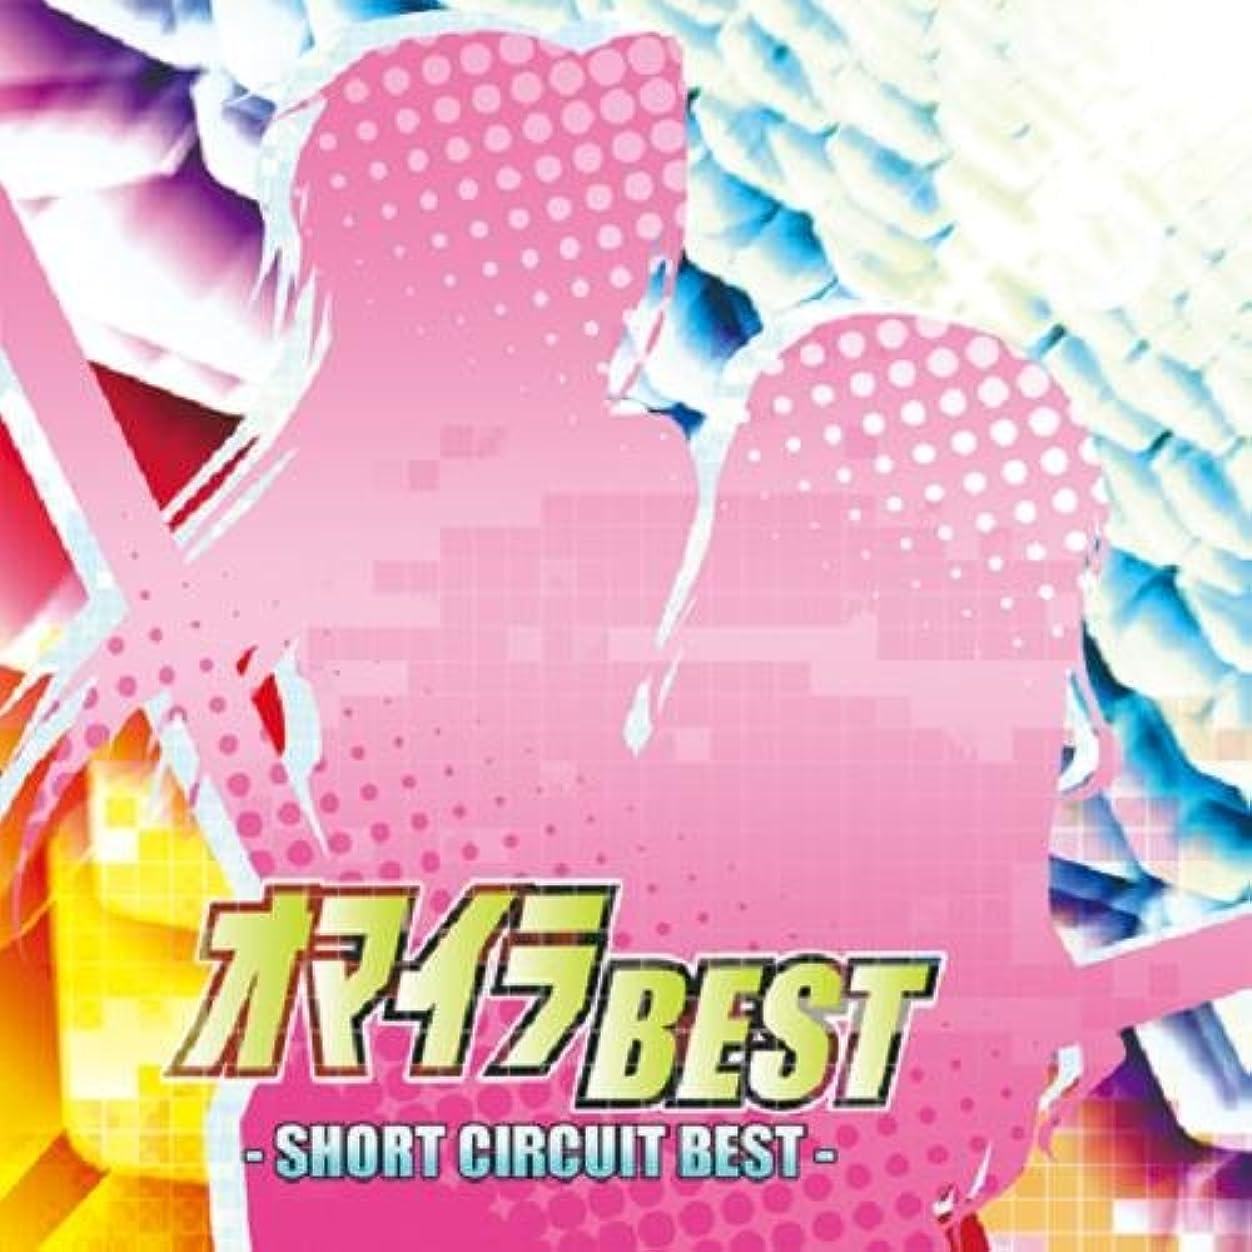 衝動ガジュマルしてはいけないオマイラBEST -SHORT CIRCUIT BEST-